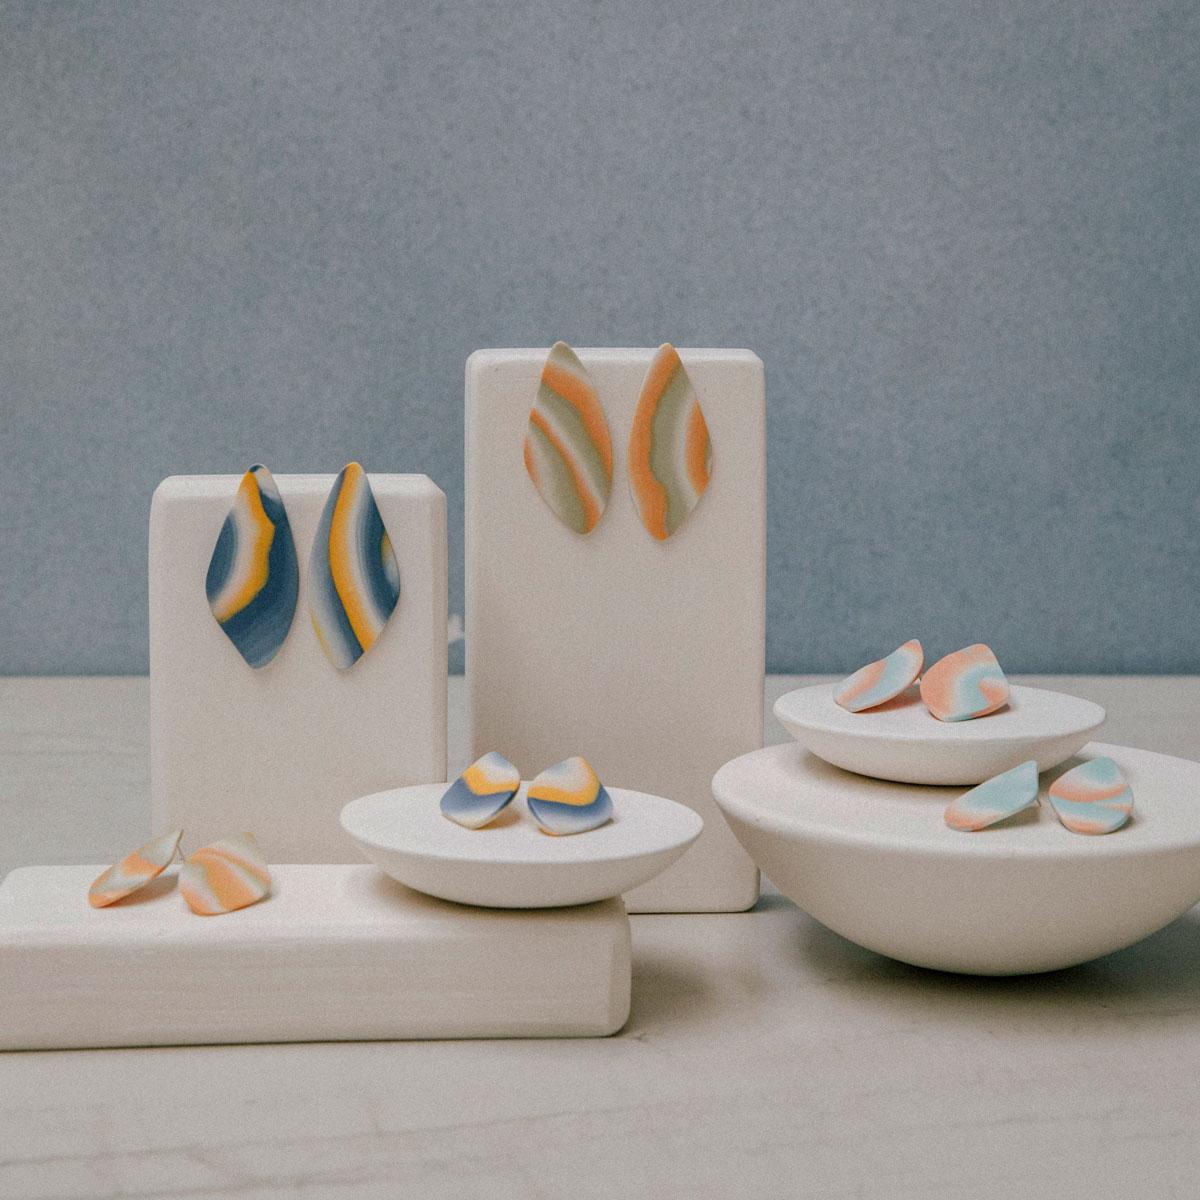 Colección Jana-bira de porcelana artesanal